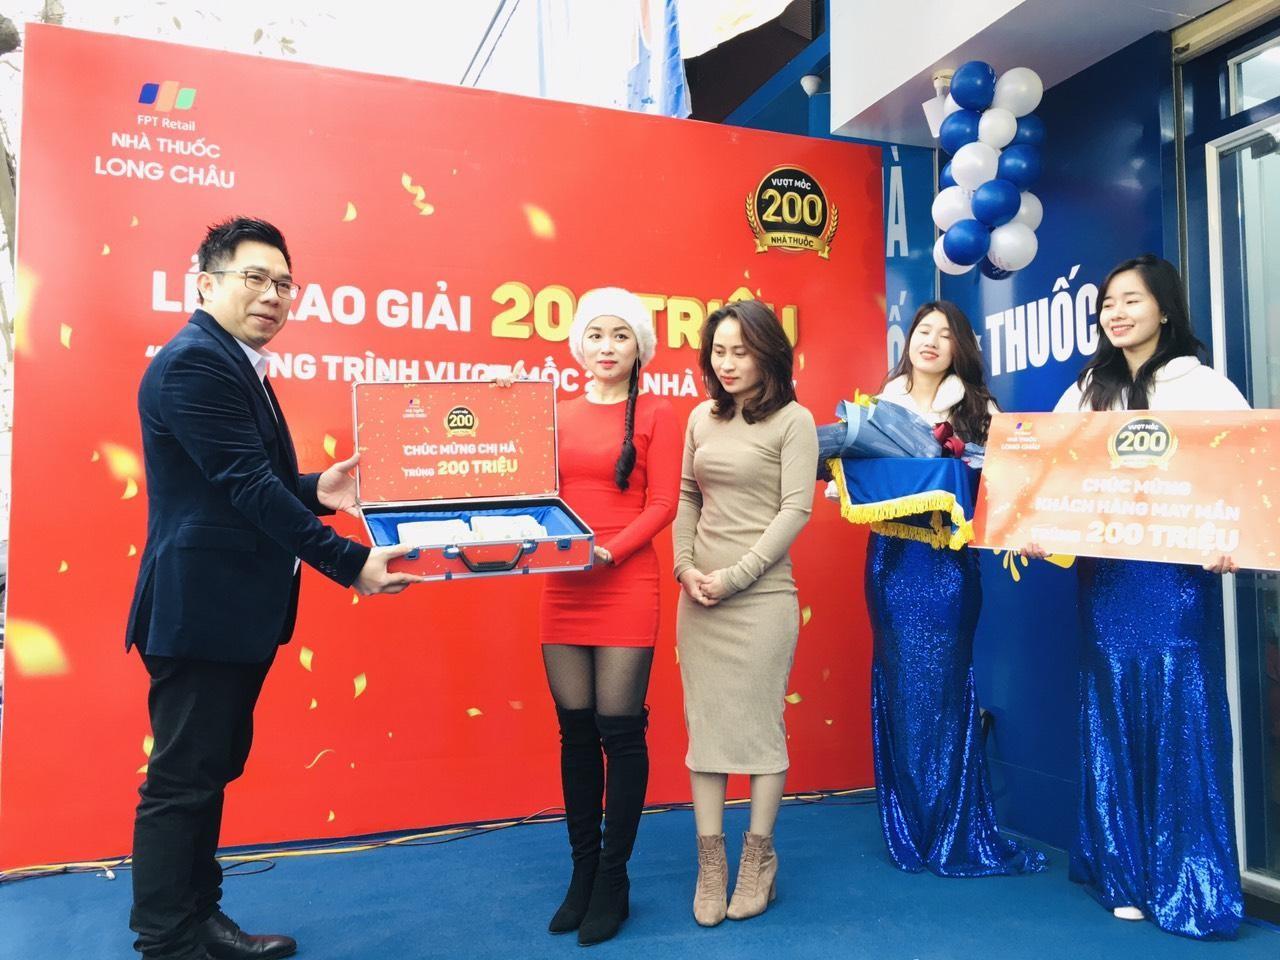 FPT Long Châu trao thưởng 200 triệu đồng sau khi vượt mốc 200 nhà thuốc - Ảnh 1.